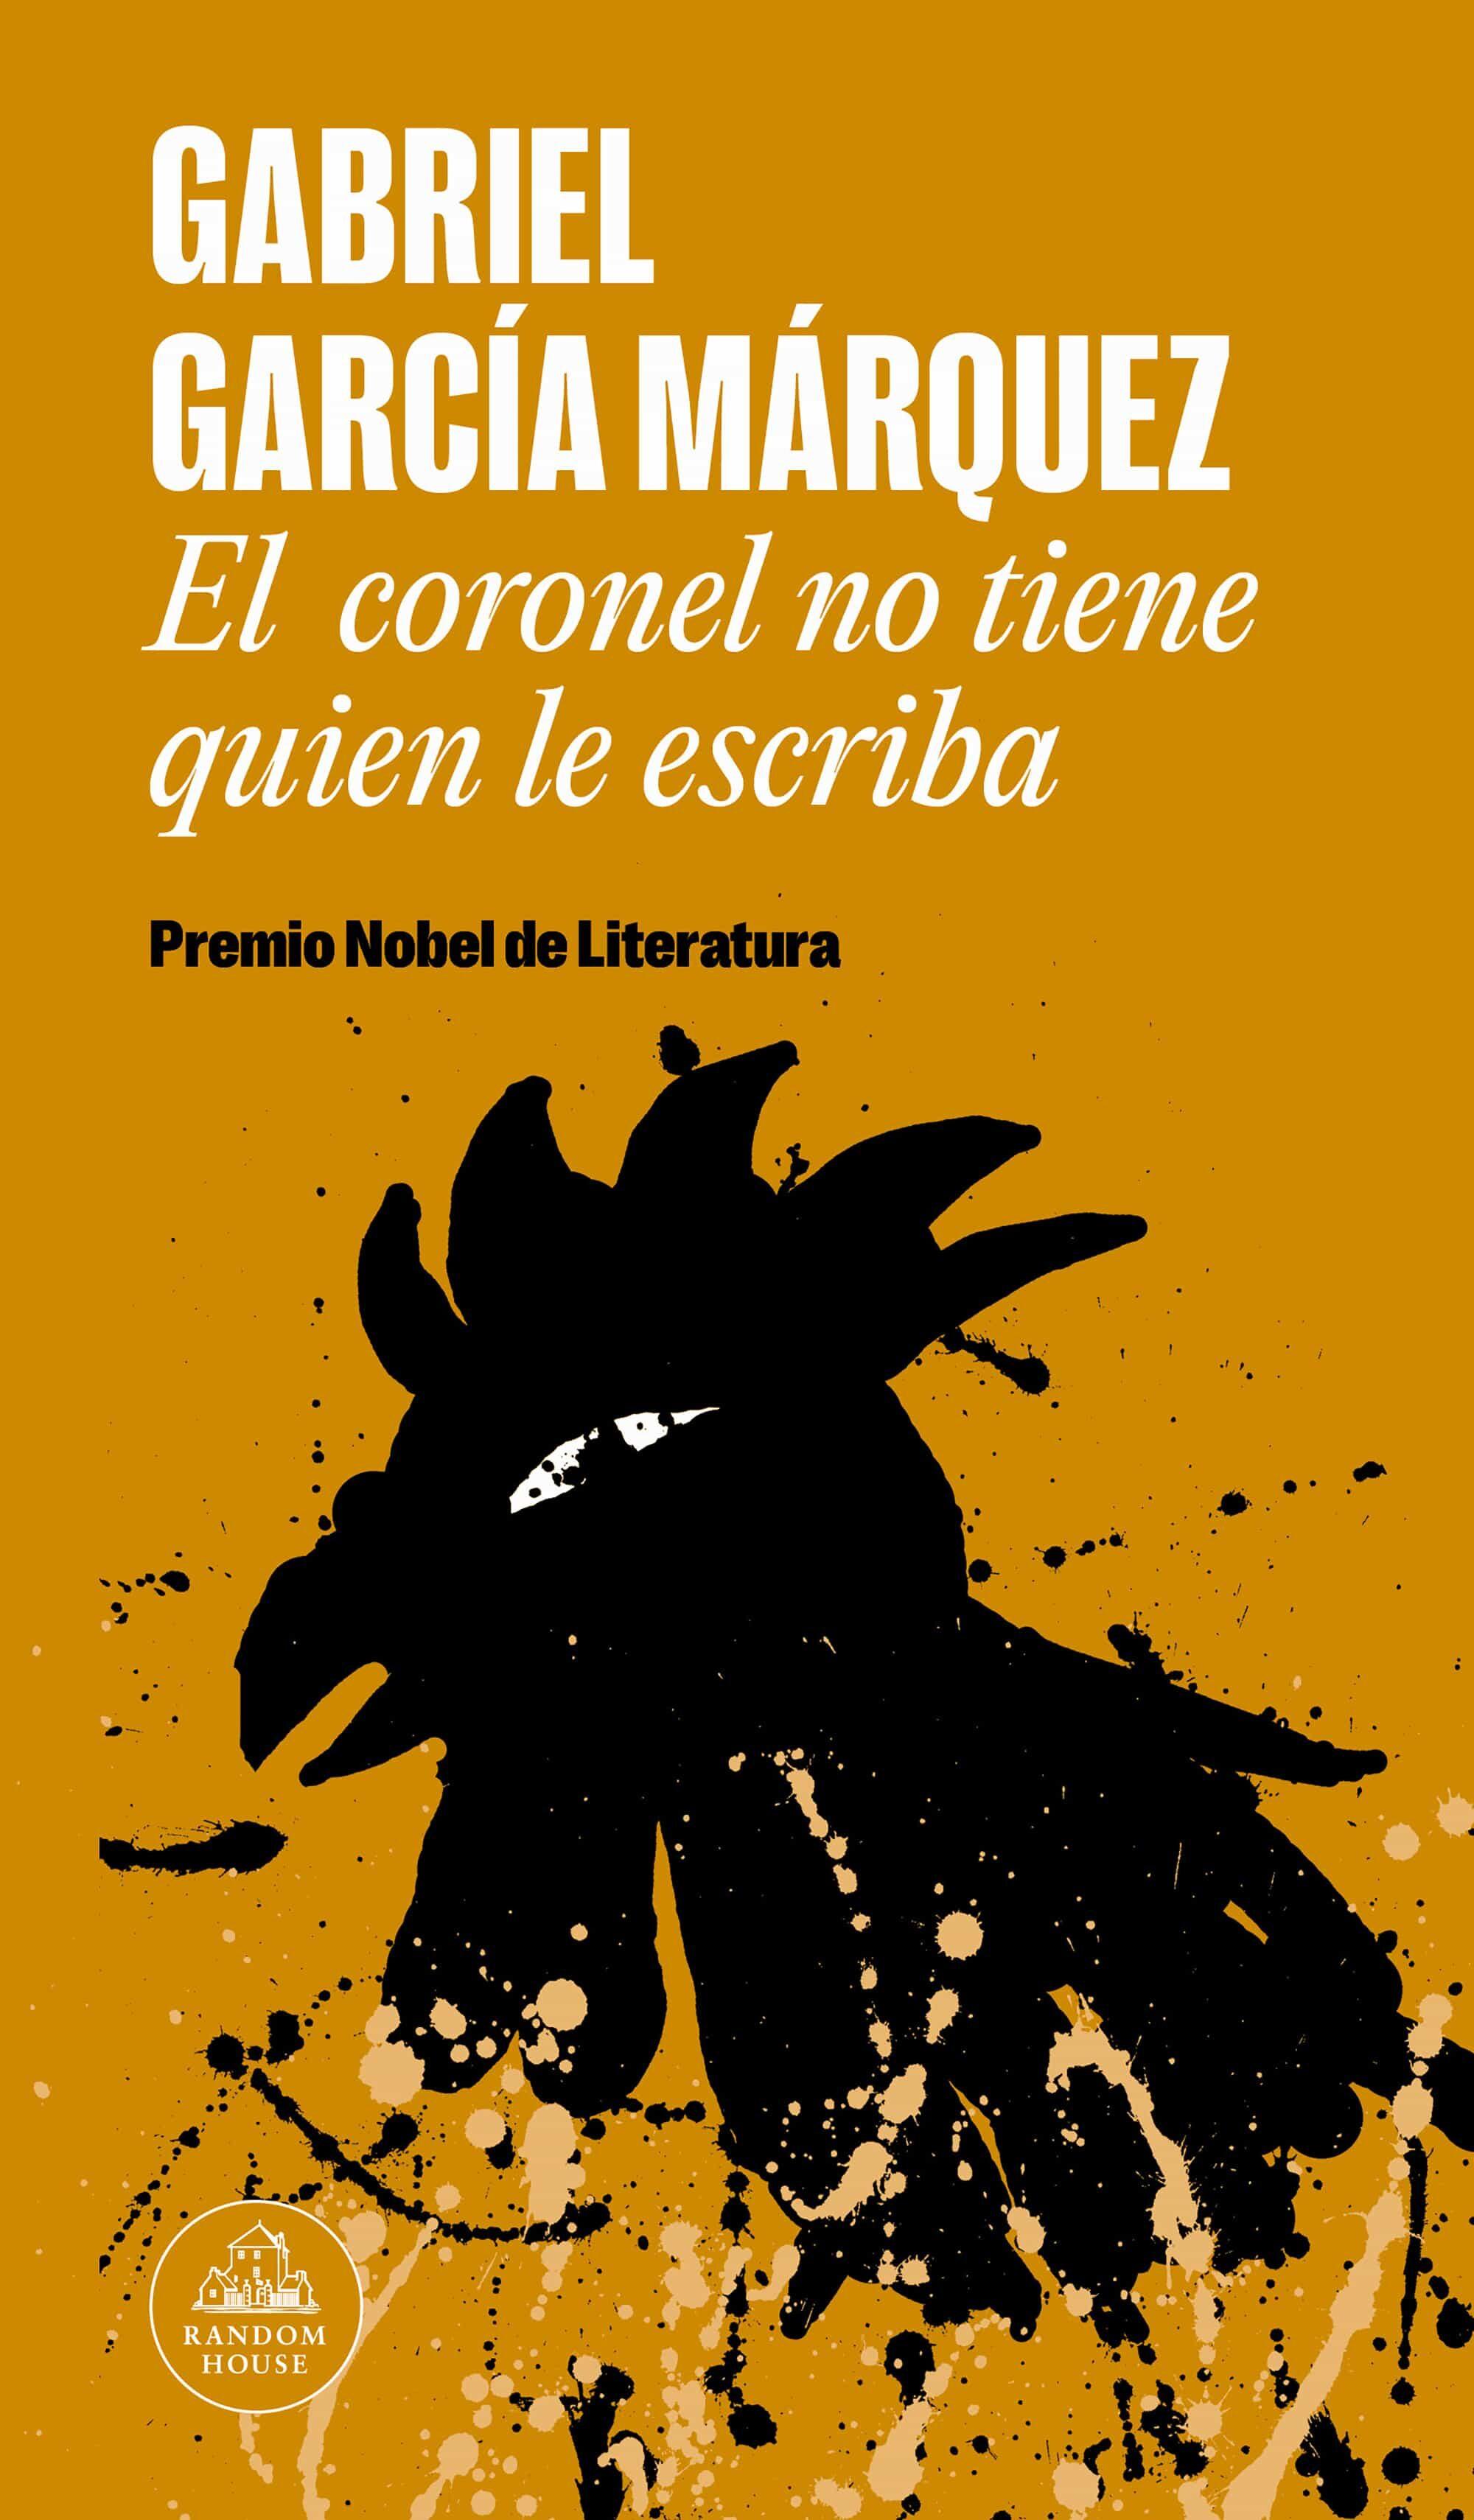 10 Libros De Garcia Marquez Que No Puedes Dejar De Leer